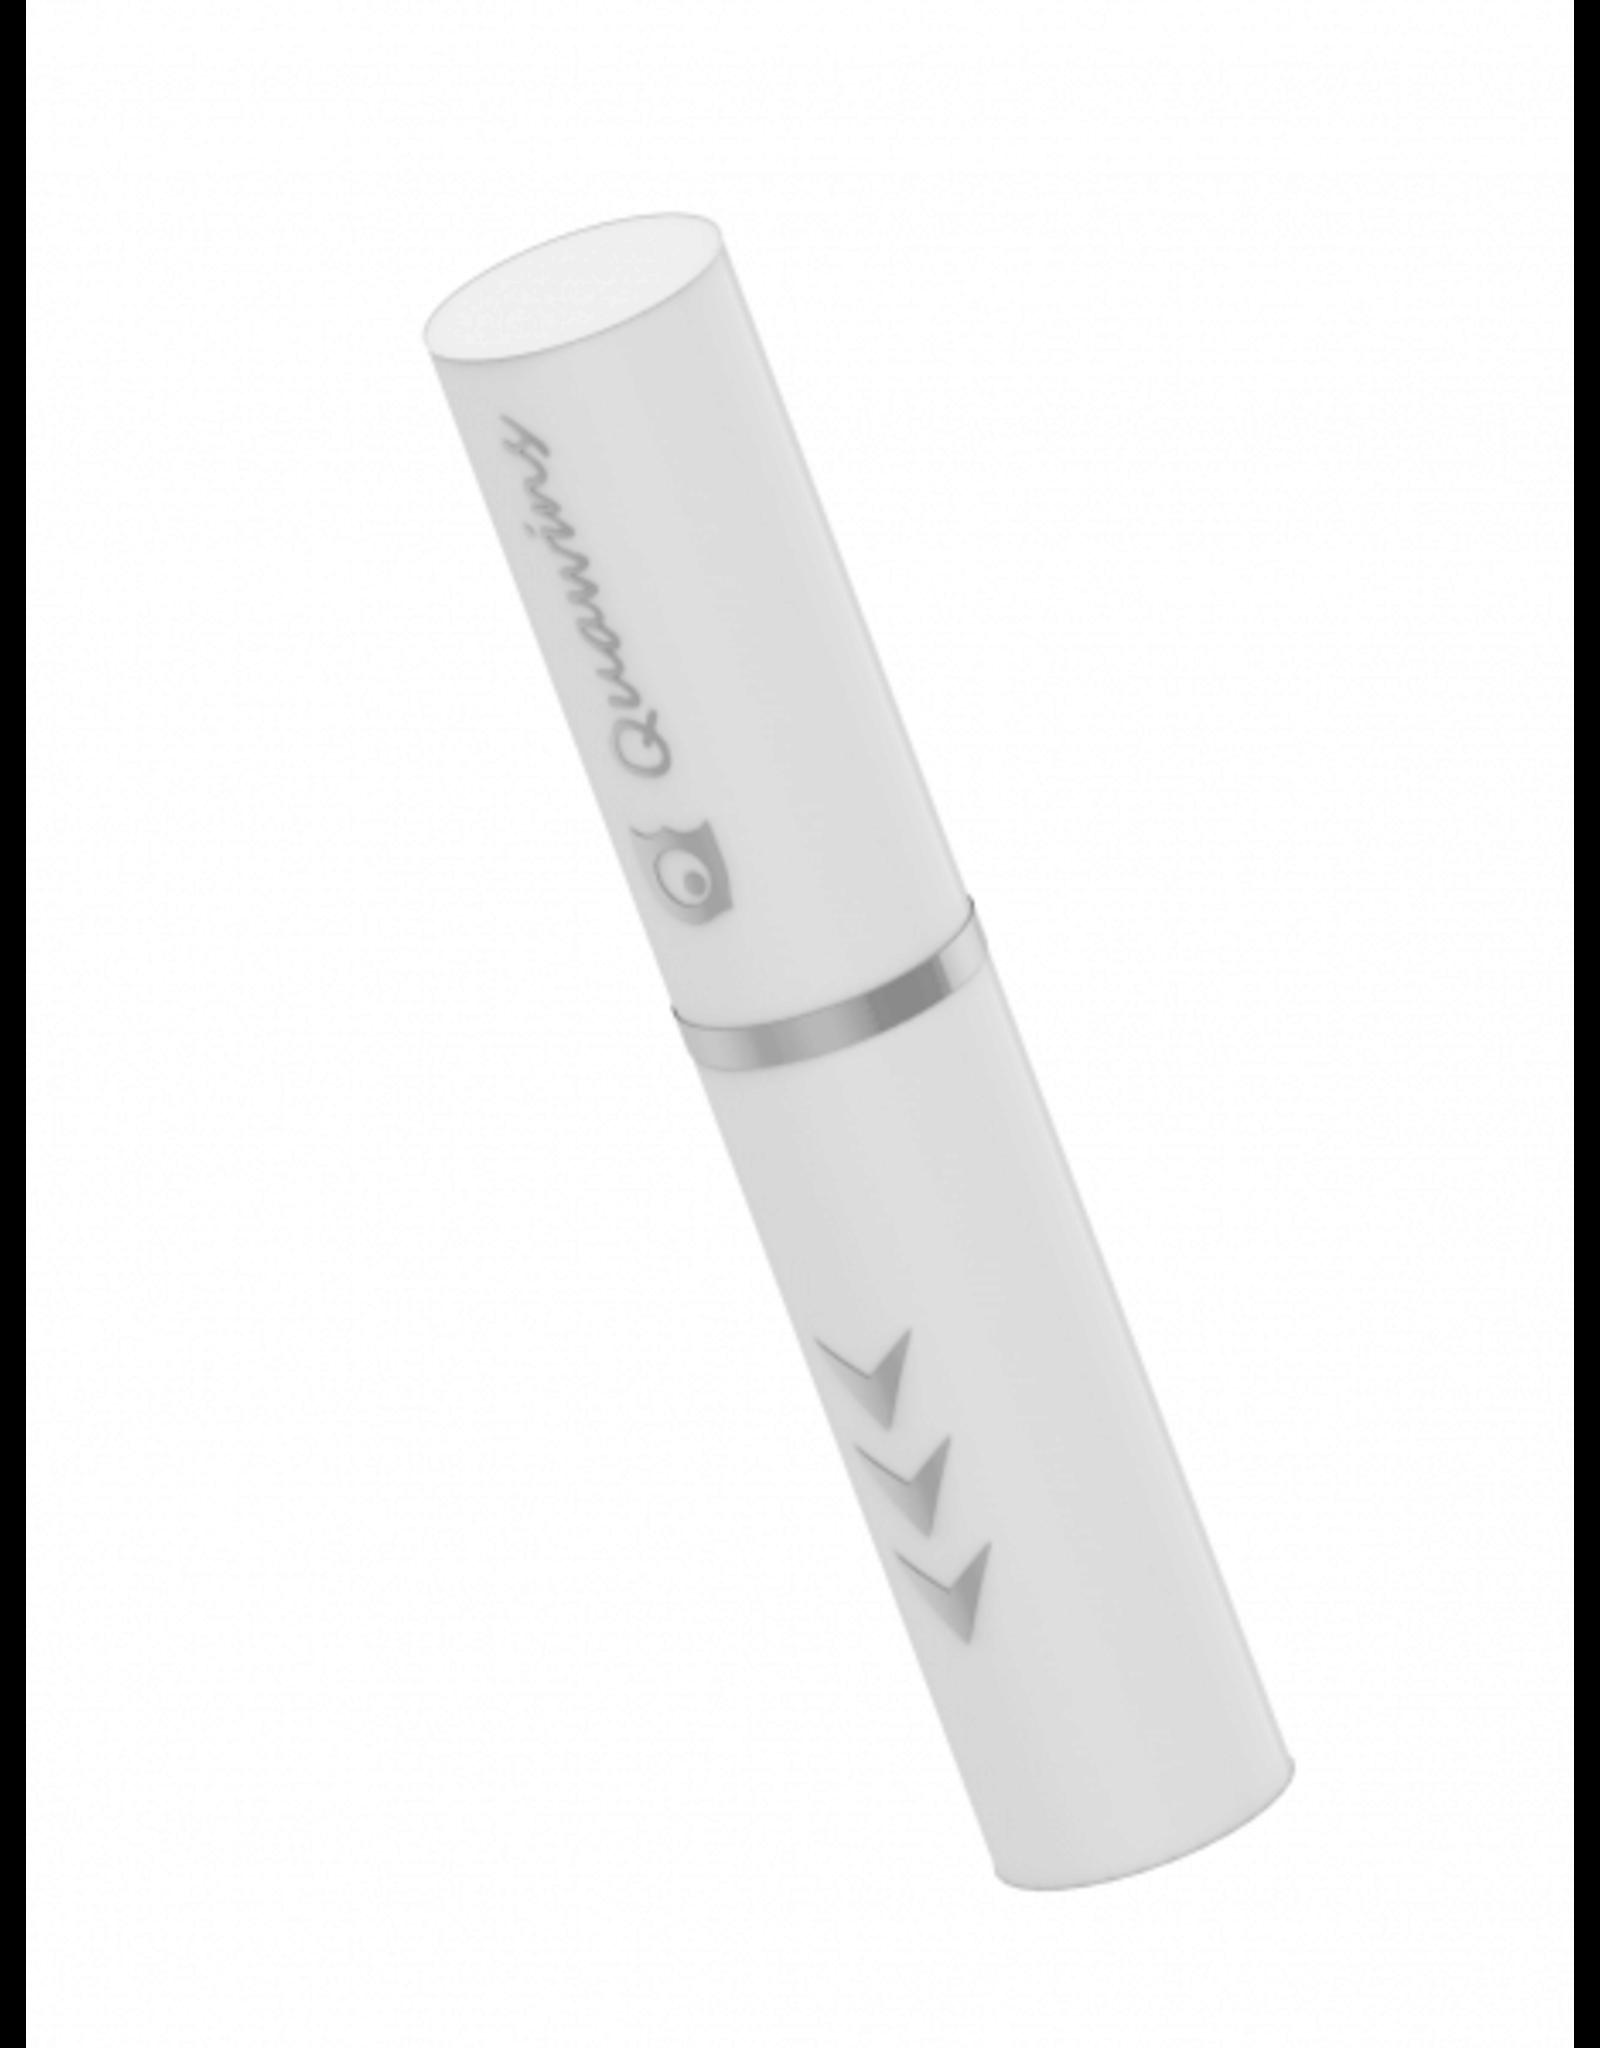 Quawins Quawins Vstick Pro Filter